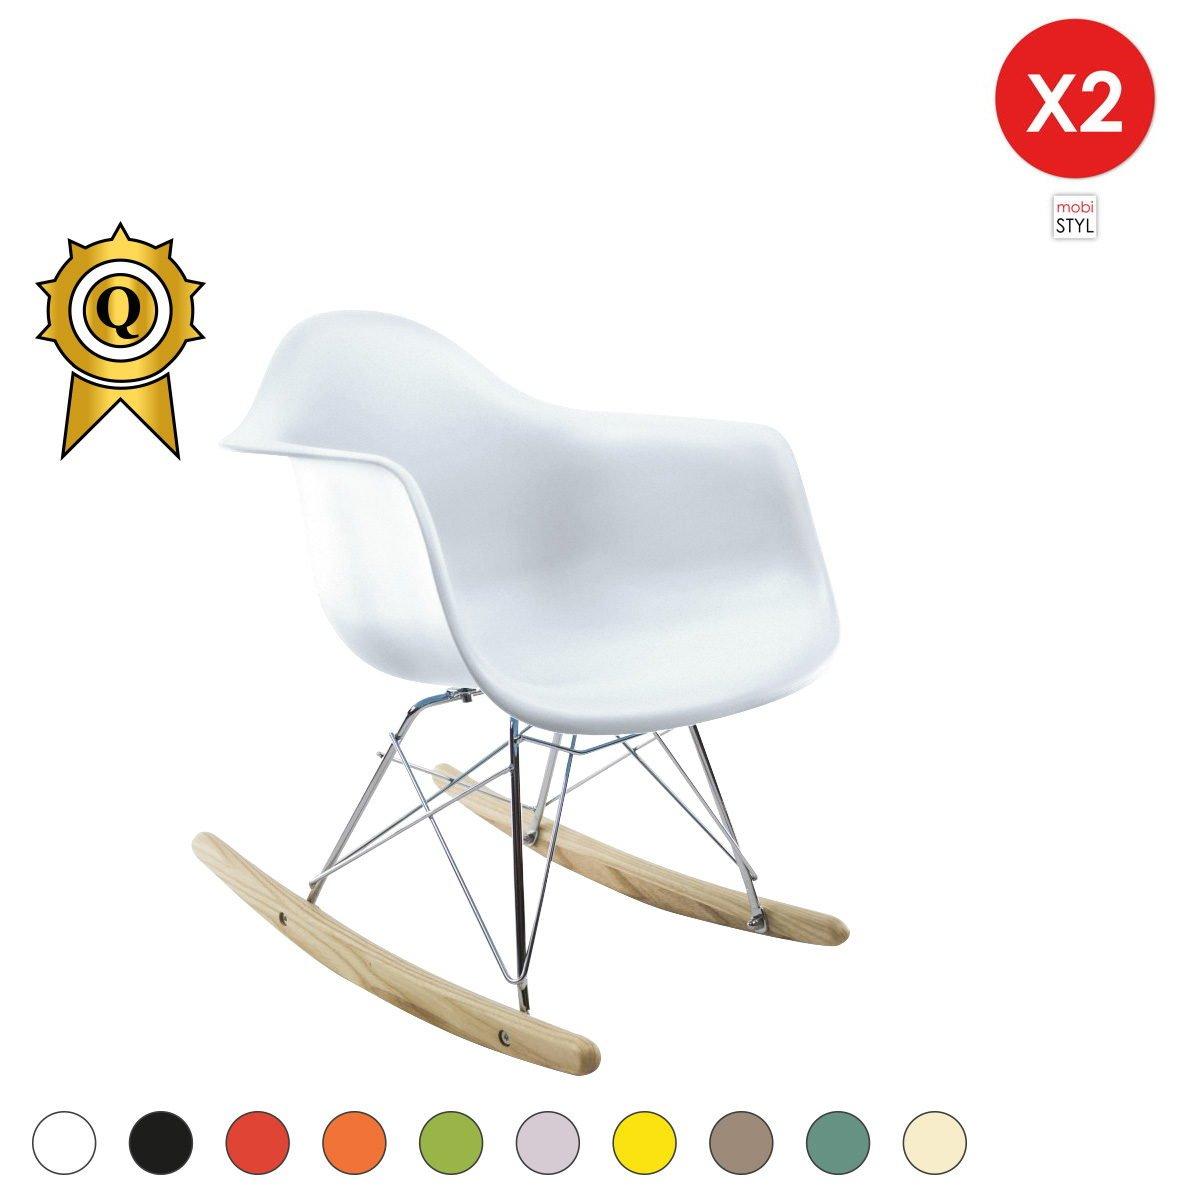 Promo 2 x Fauteuil à Bascule Enfant Inspiration Eiffel Pieds Bois Assise Blanc Mobistyl® RARK-WH-2